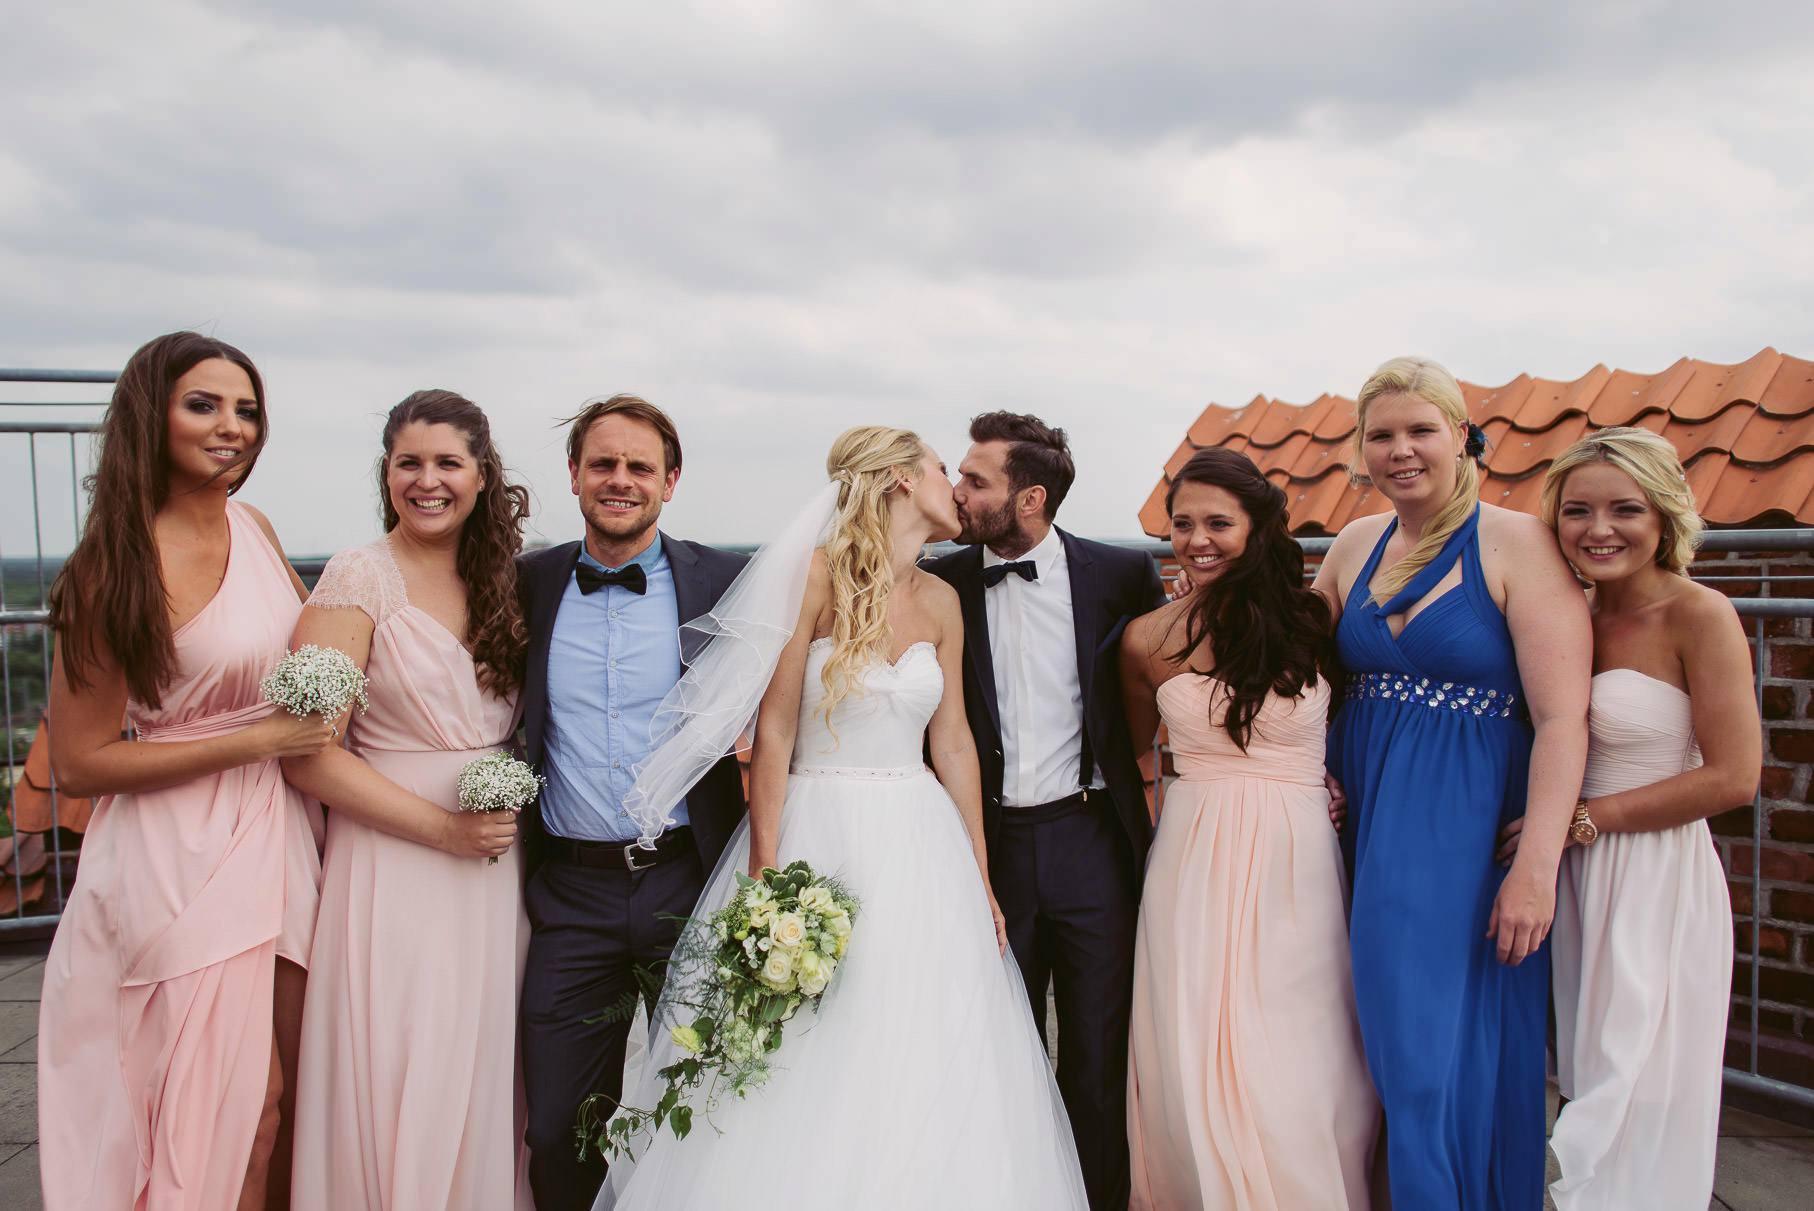 0035 jus 812 9048 - Hochzeit im Wasserturm Lüneburg - Jenny & Sascha